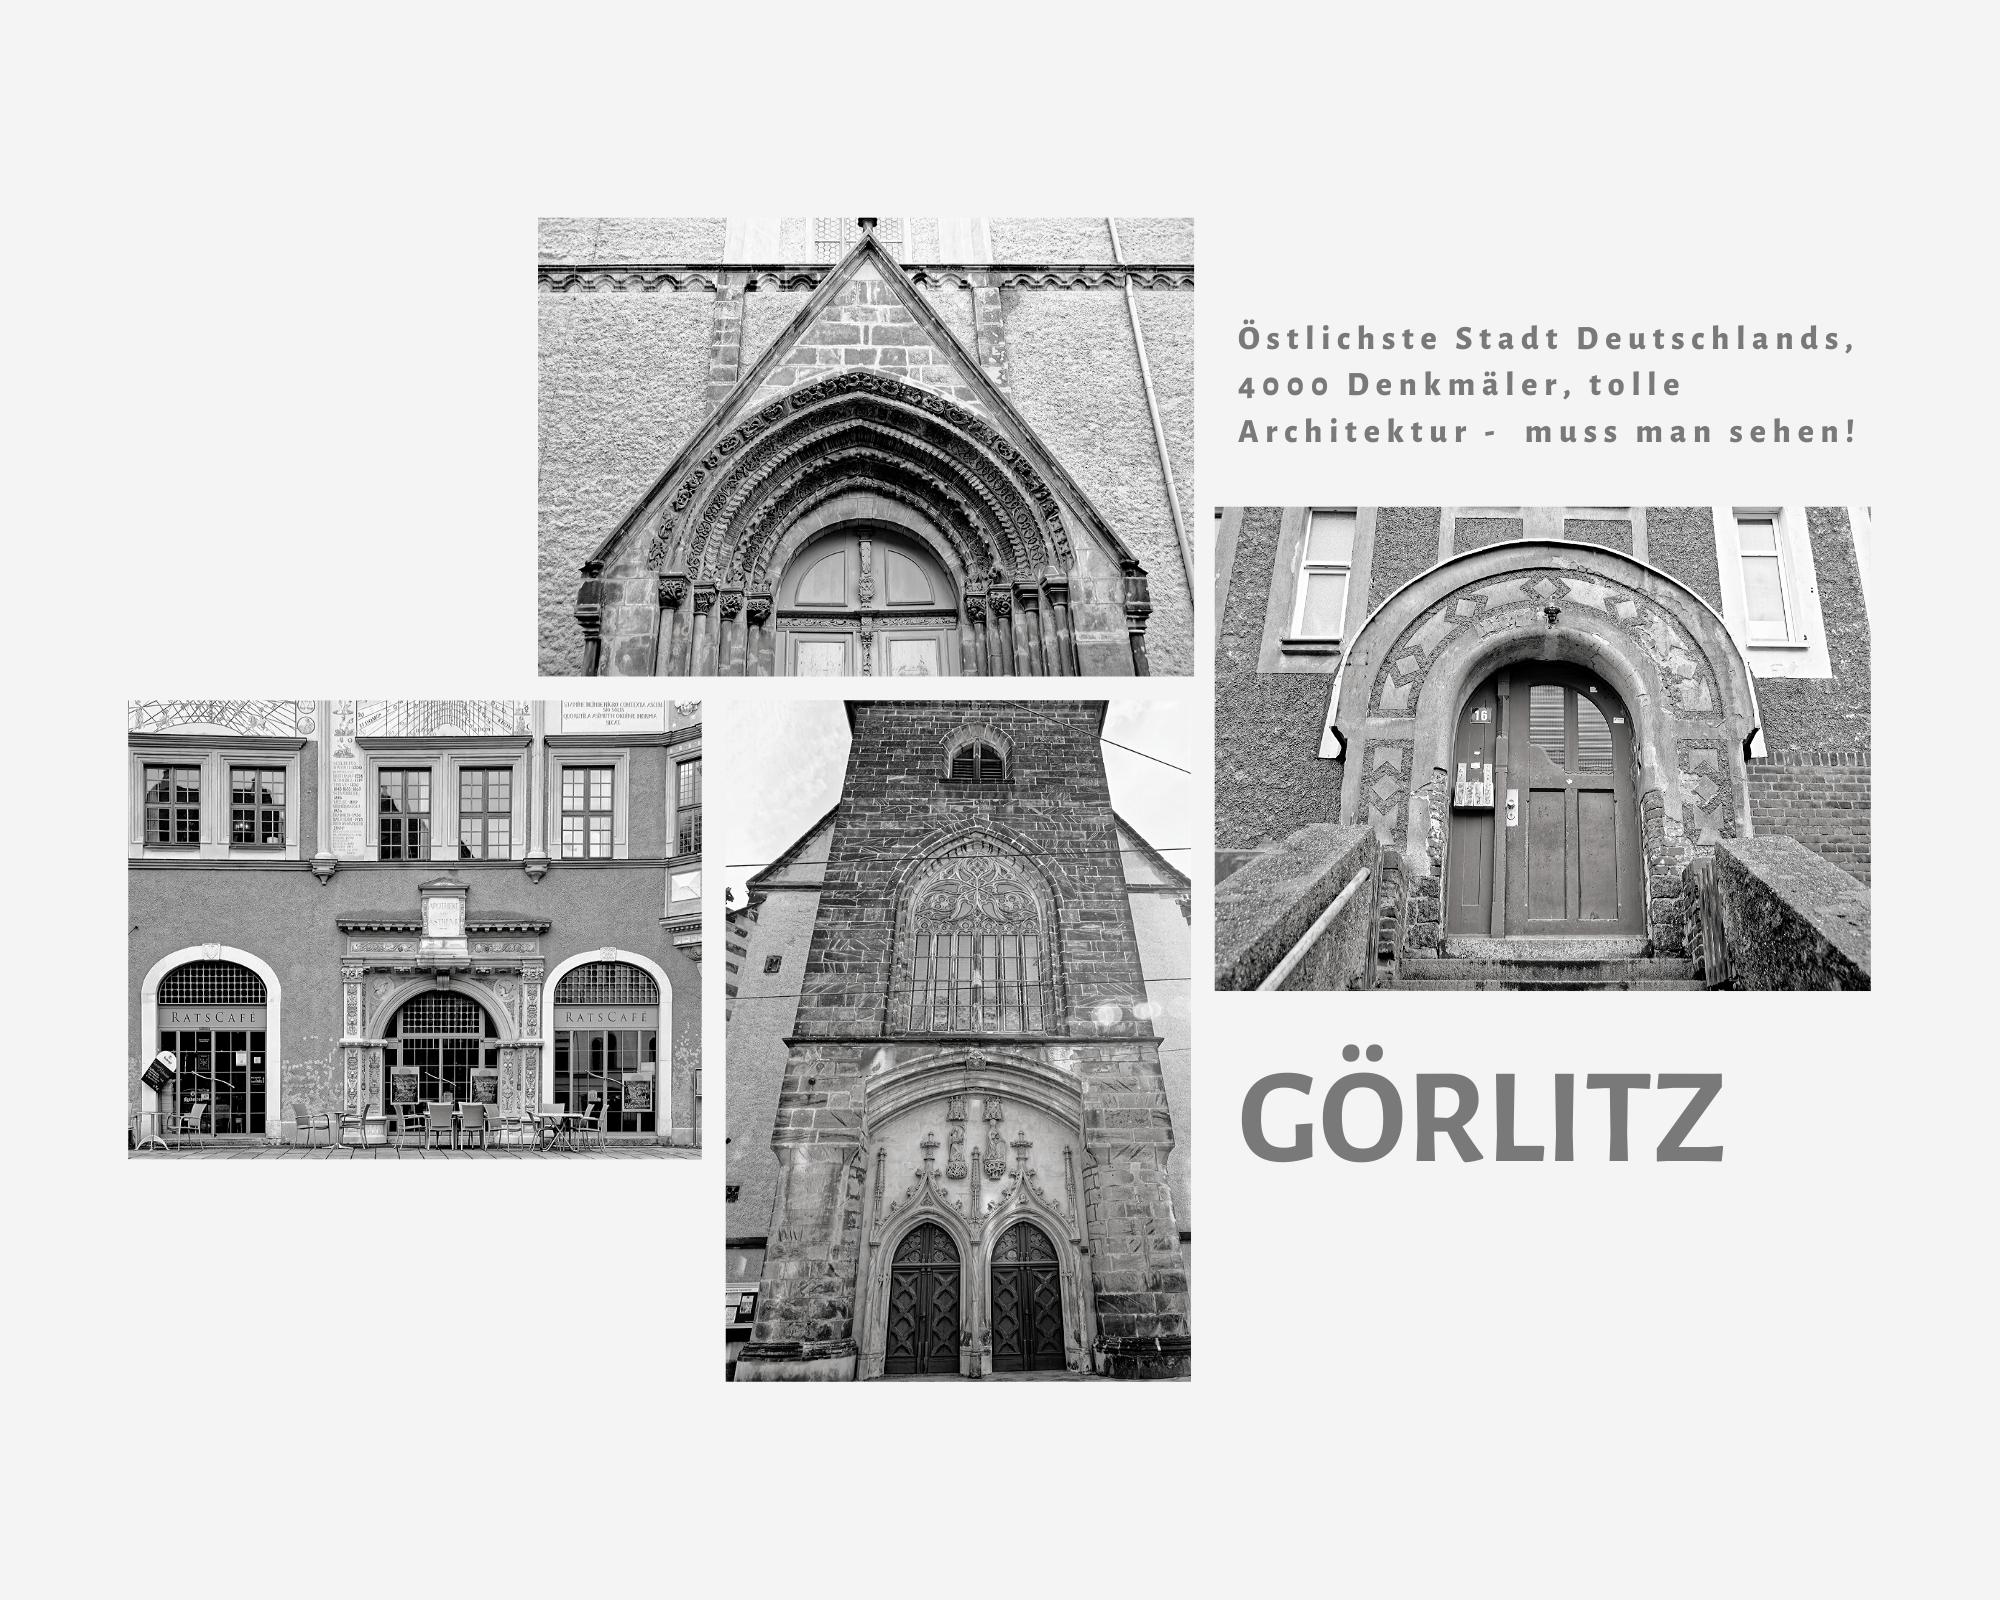 Titelbild zu Türen und Toren aus Görlitz 02-2020